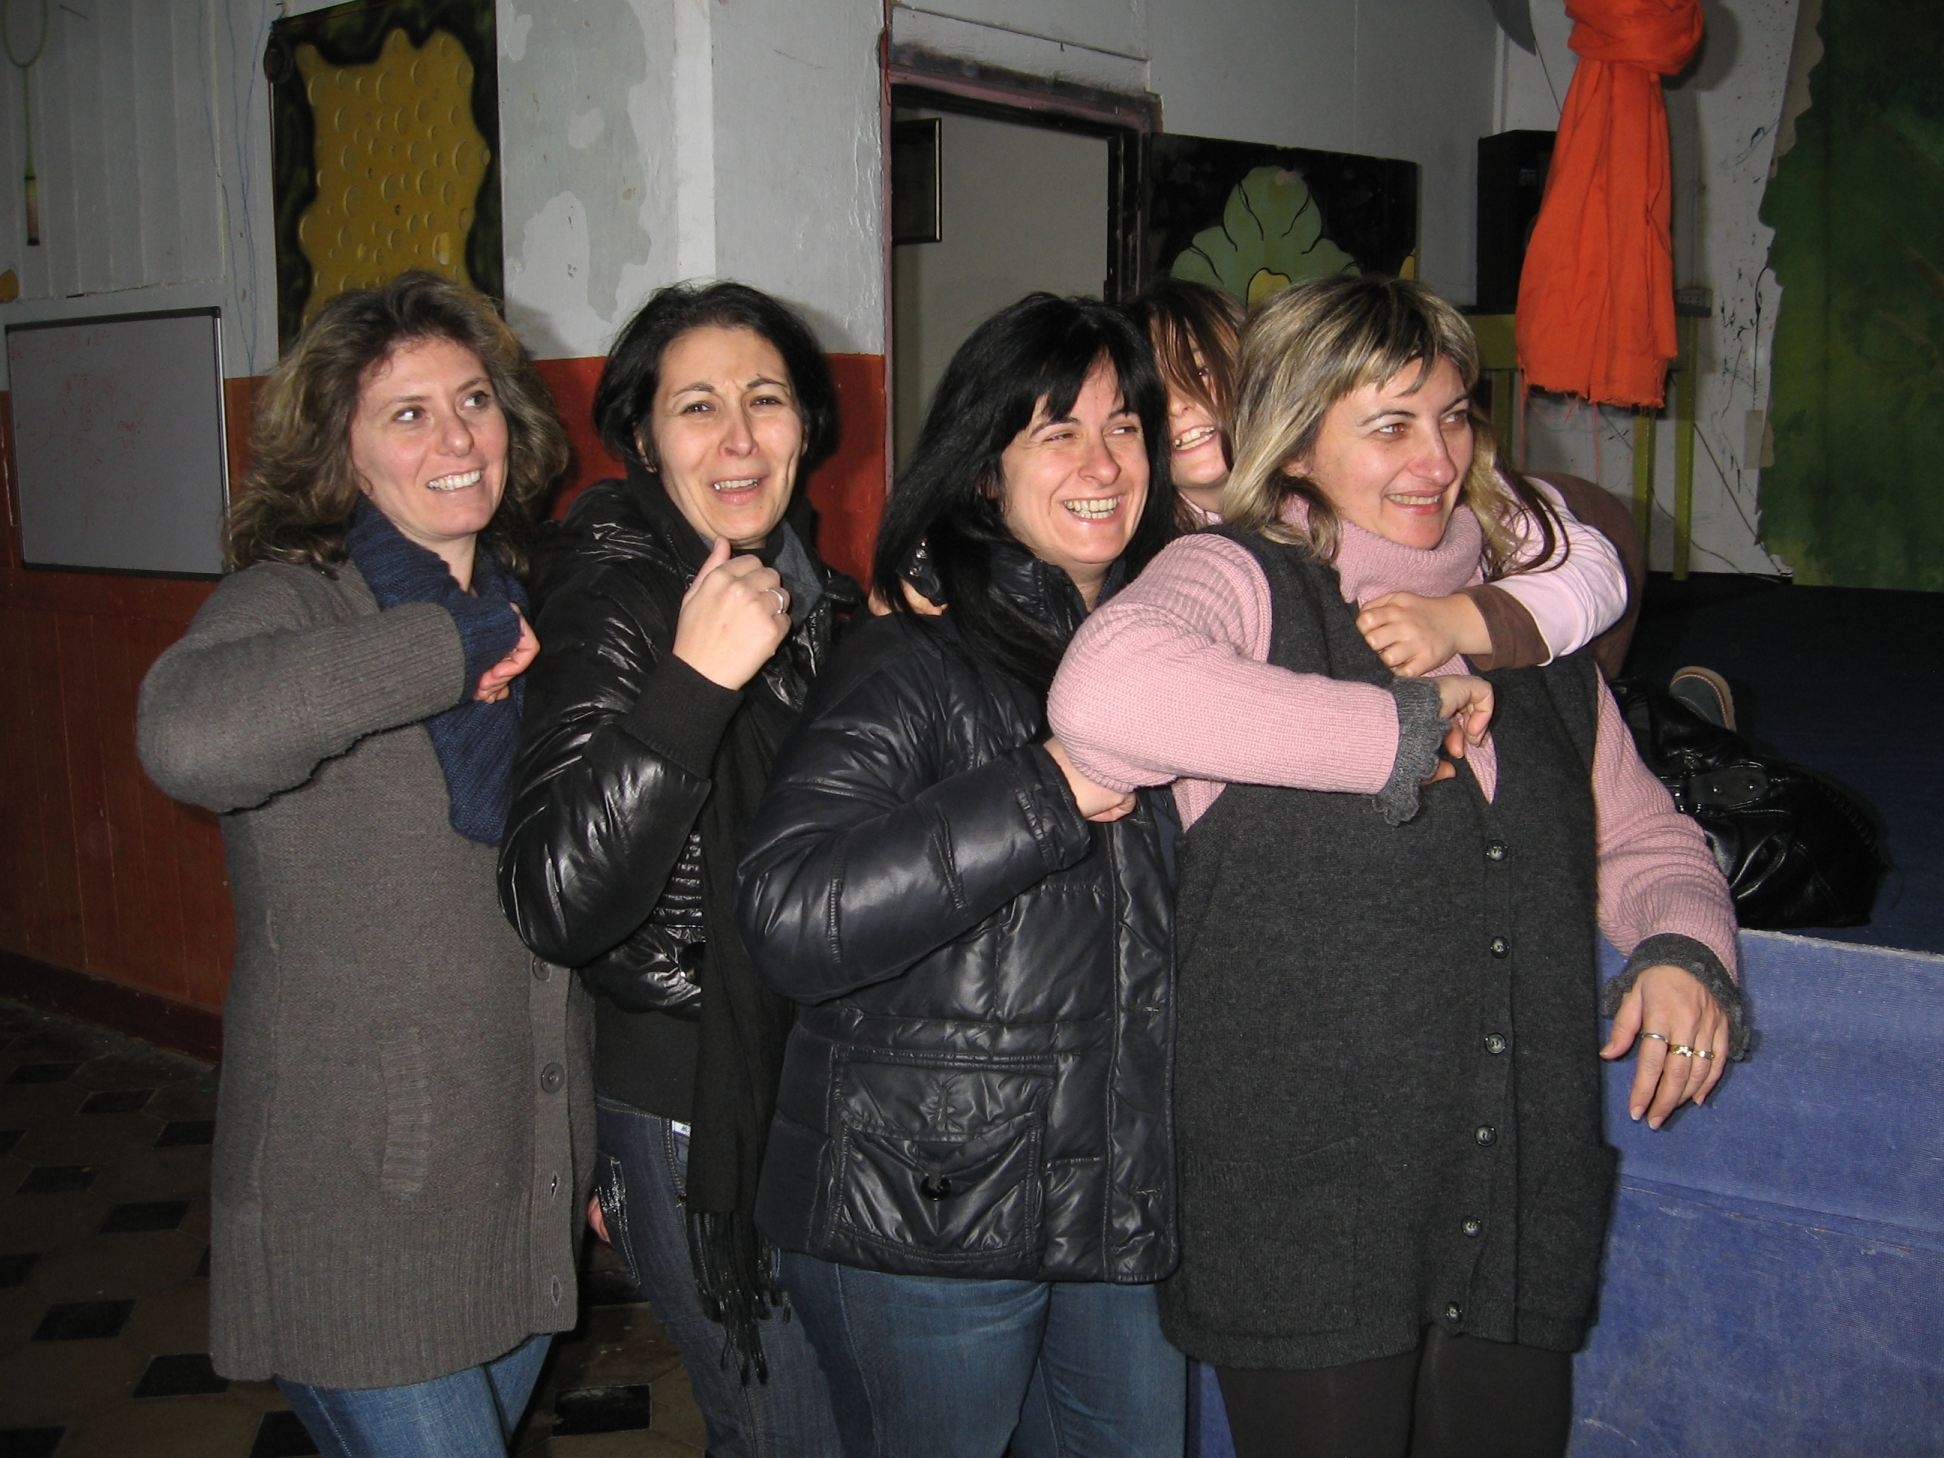 Danza_Oratorio-2009-12-20--16.17.08